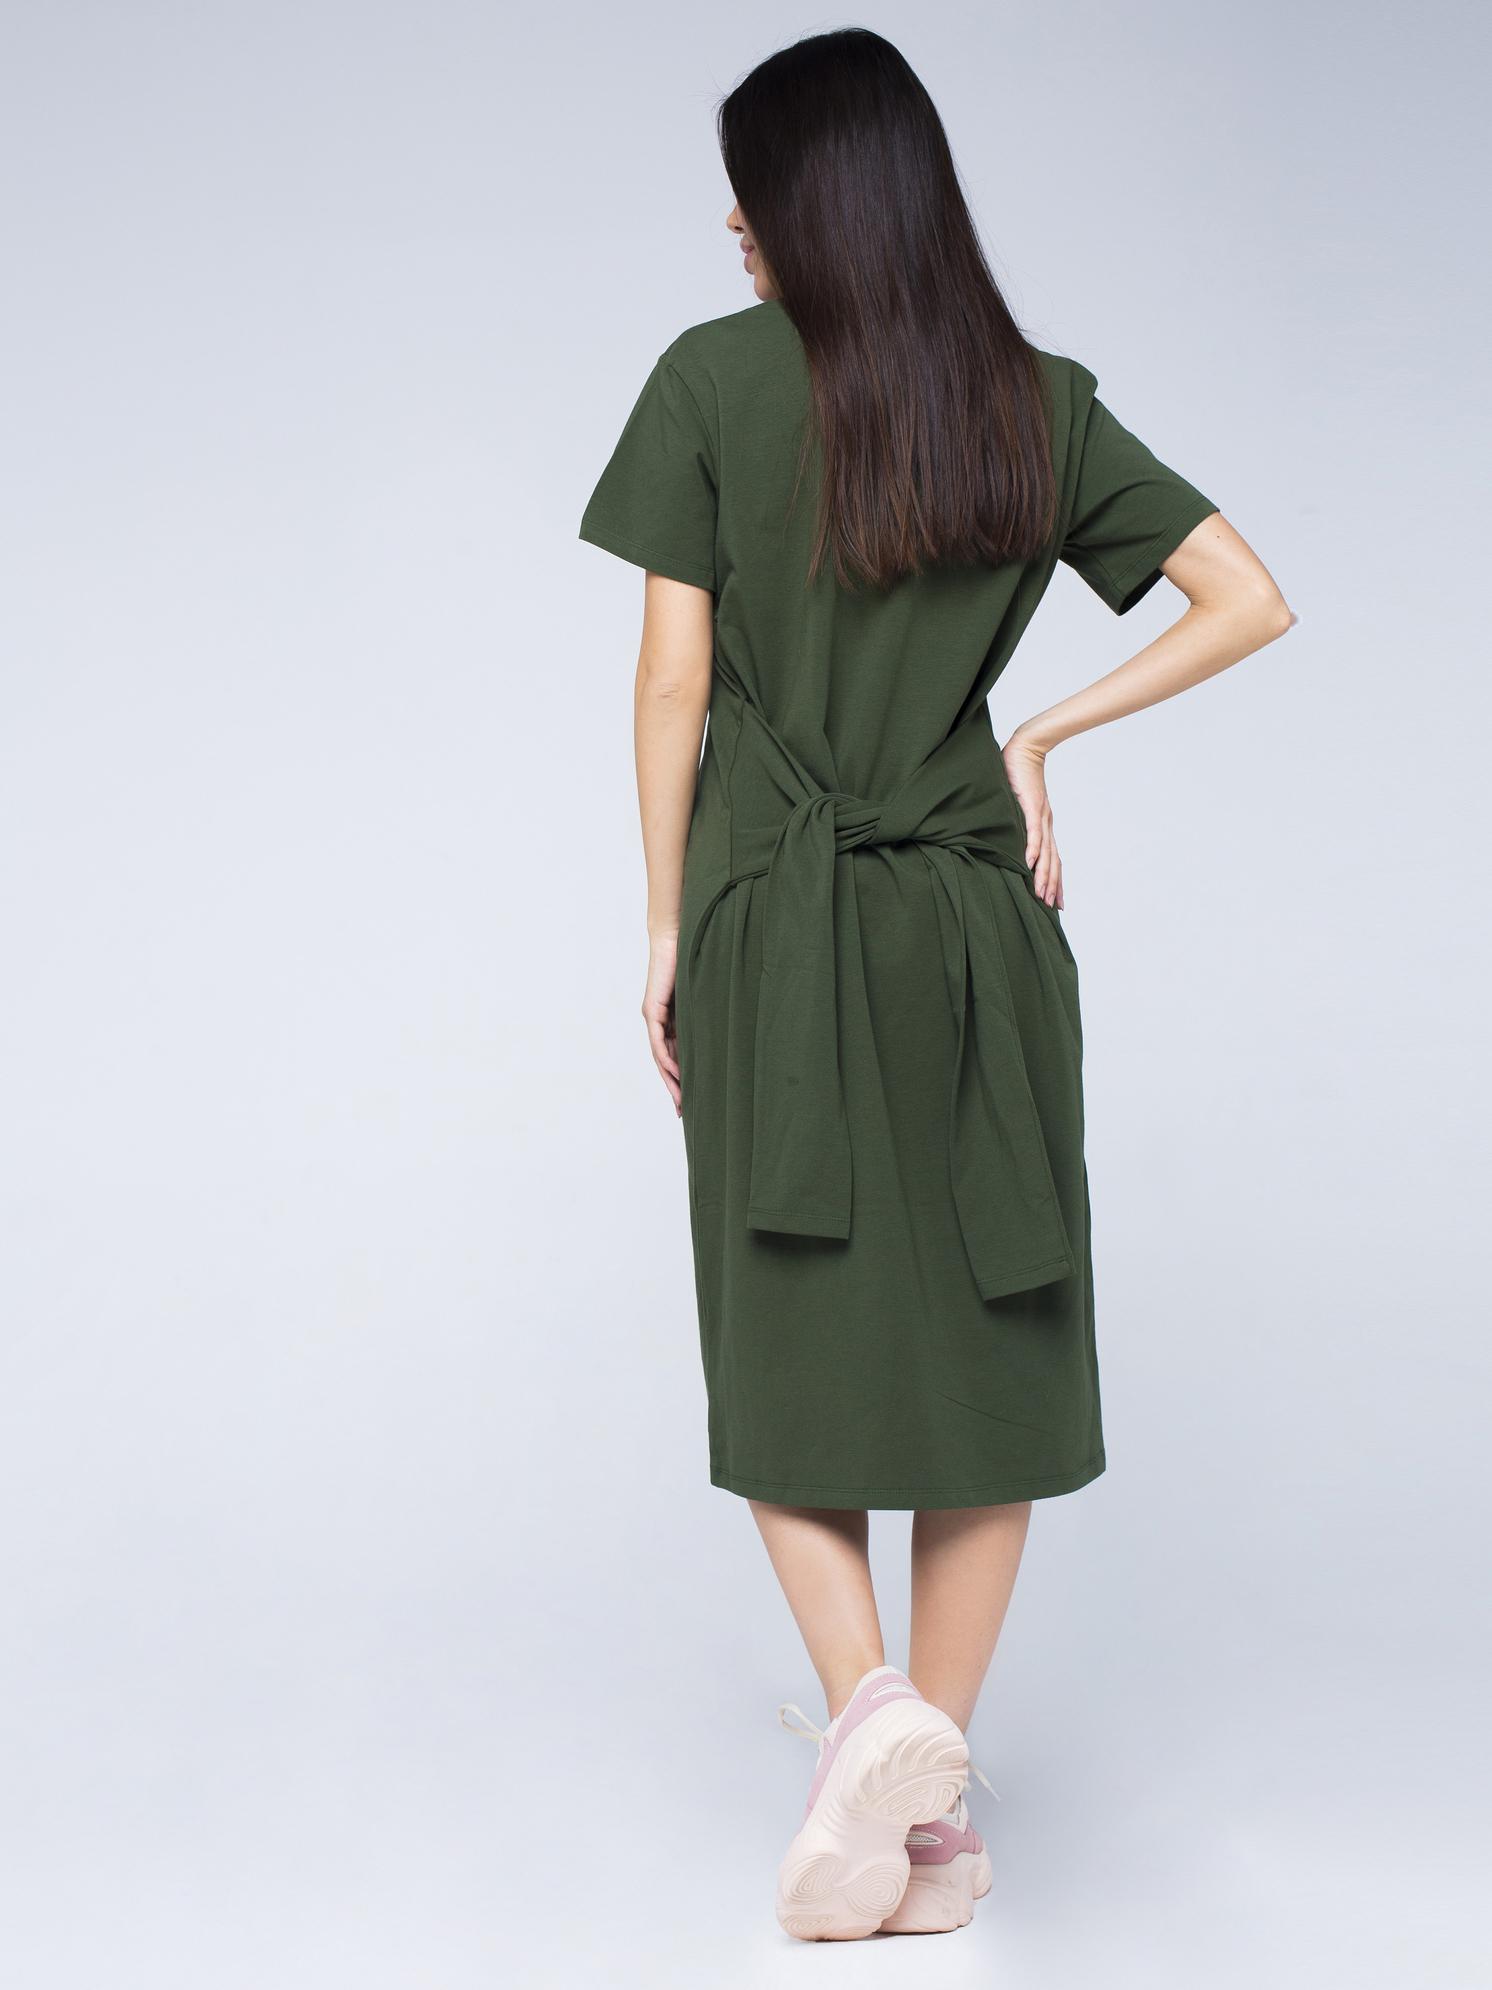 Платье-футболка хлопковое оливкового цвета YOS от украинского бренда Your Own Style